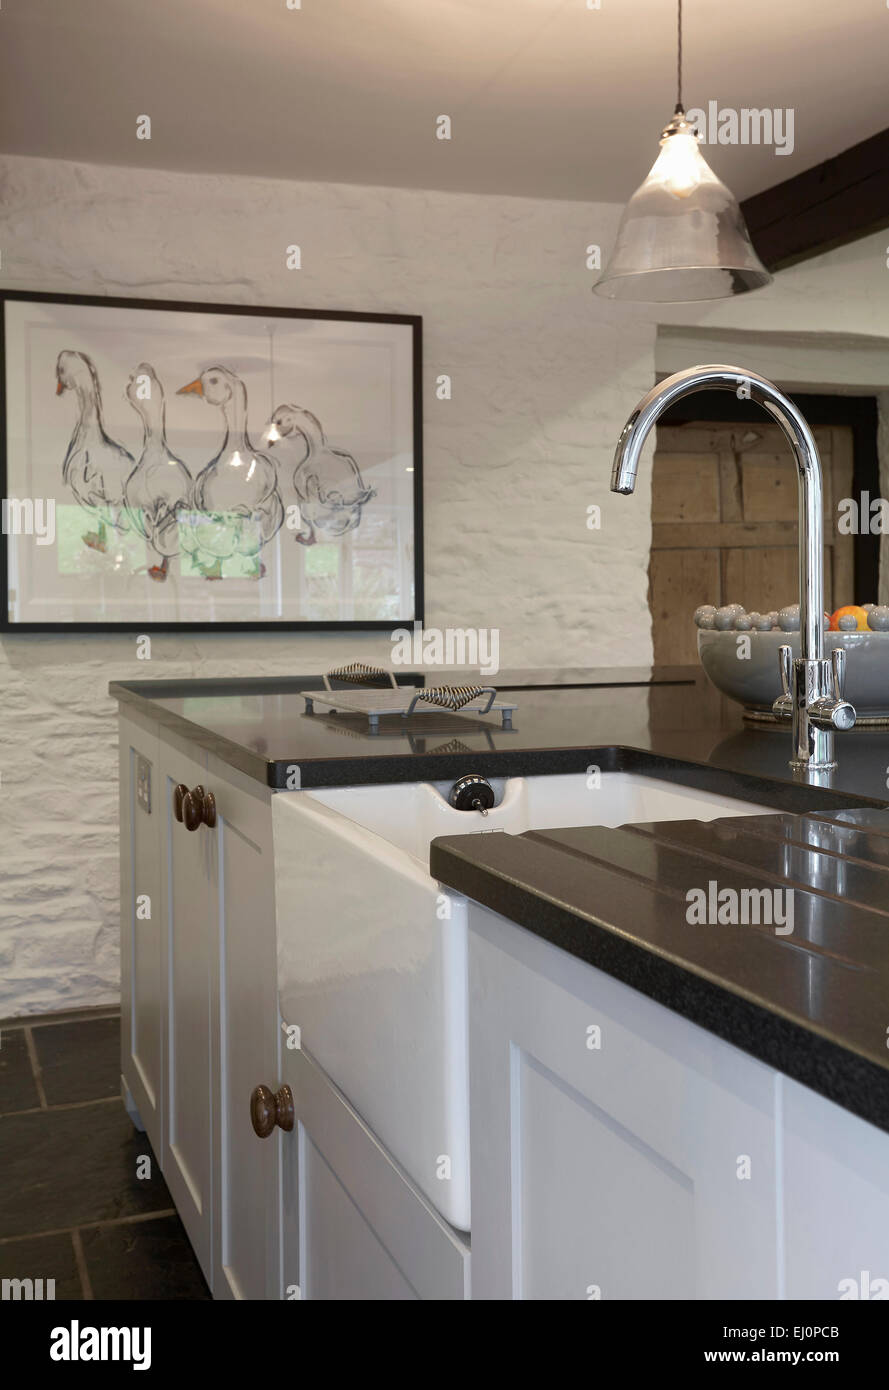 Schön Küche Bauernhaus Waschbecken Armaturen Fotos - Küchenschrank ...